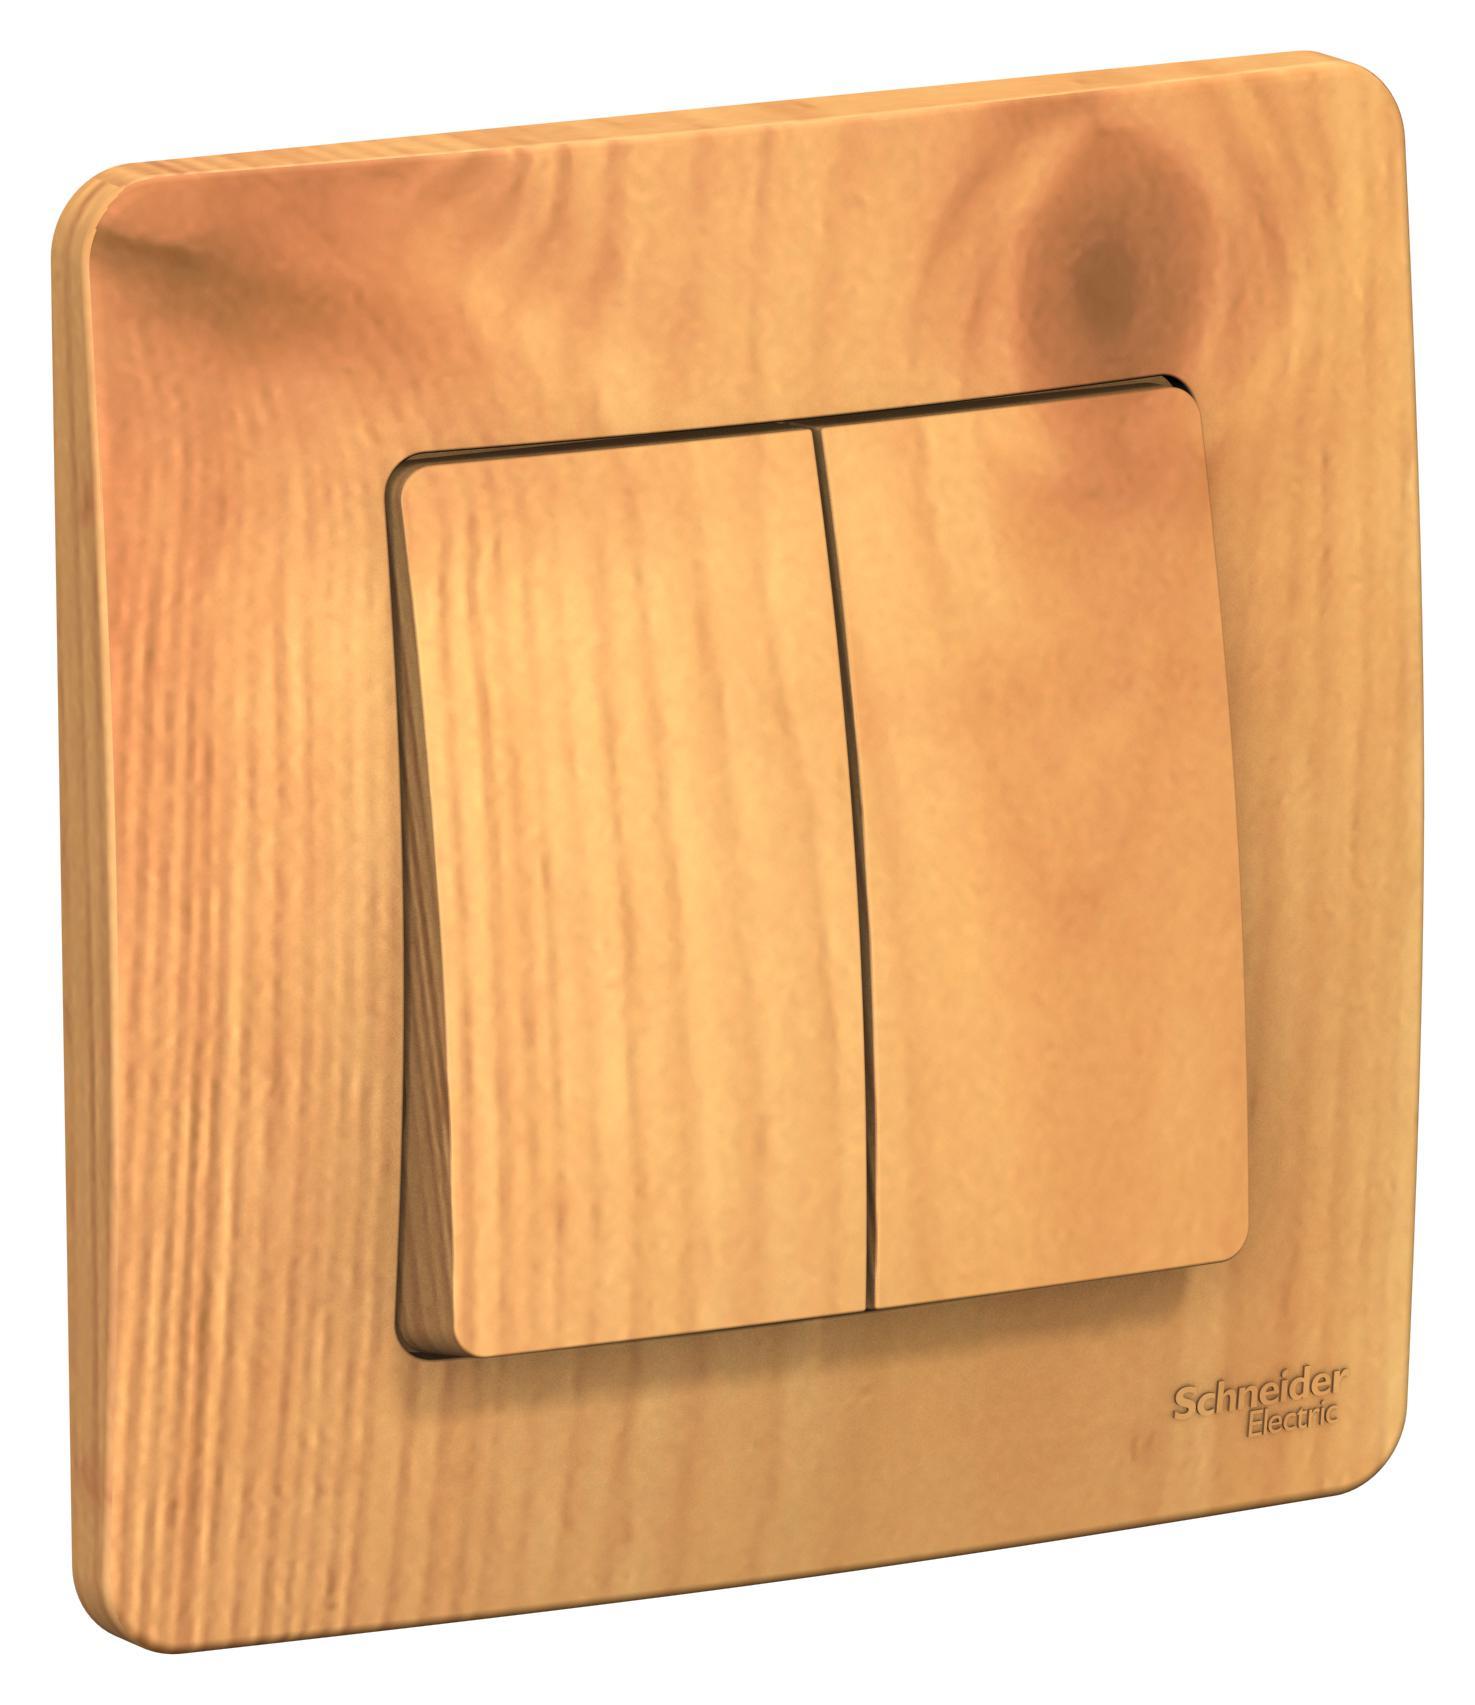 Выключатель Schneider electric Blnvs010505 blanca выключатель schneider electric blnva105014 blanca